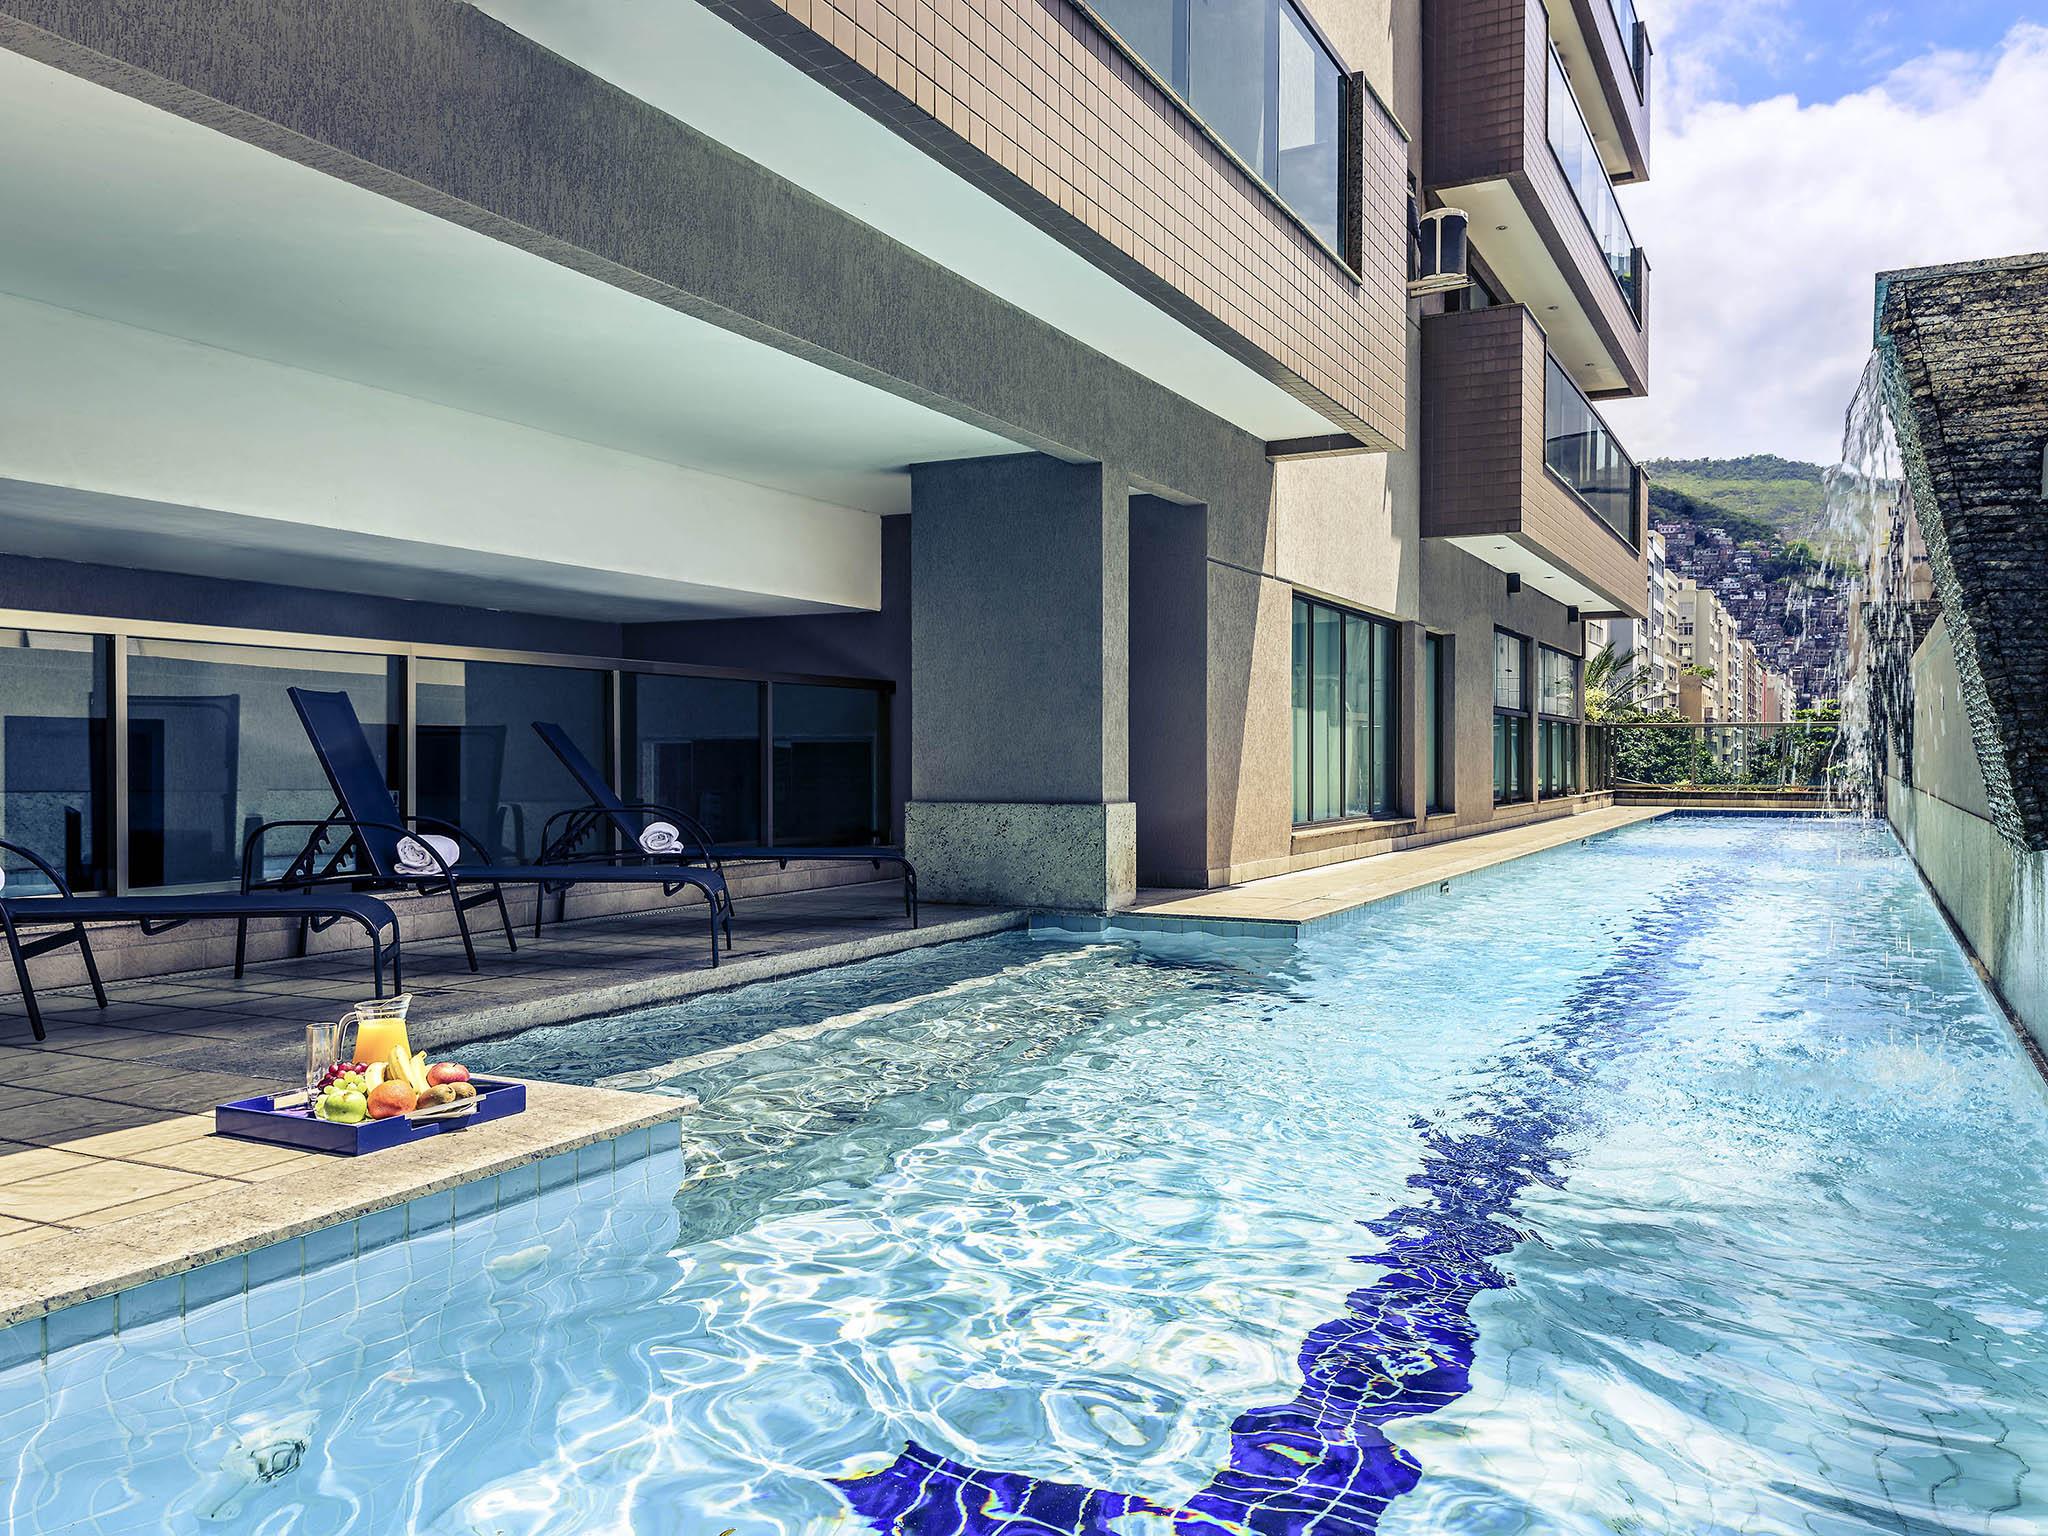 Mercure Rio de Janeiro Arpoador Hotel-Book online - photo#29